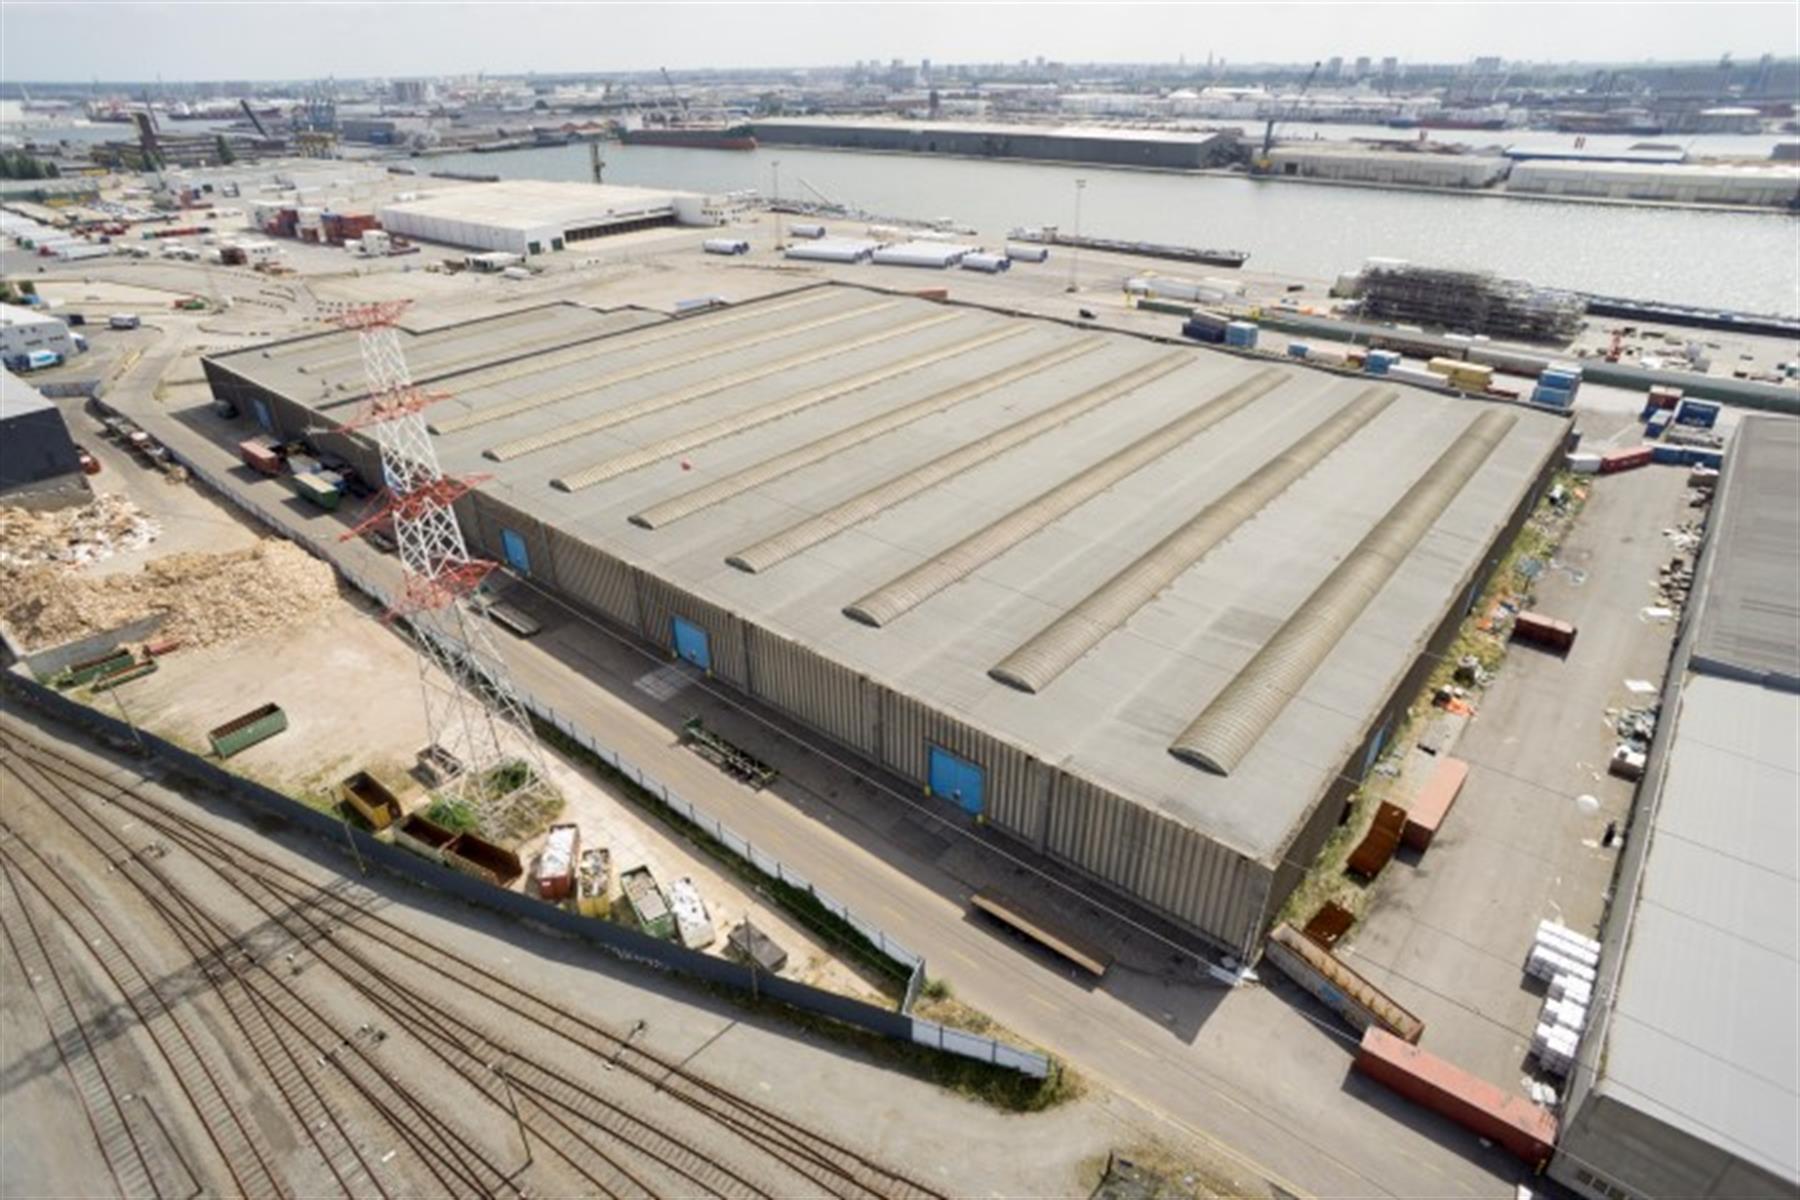 opslagplaats te huur Buitenterrein in de haven Antwerpen - Rostockweg 1, 2030, België 4